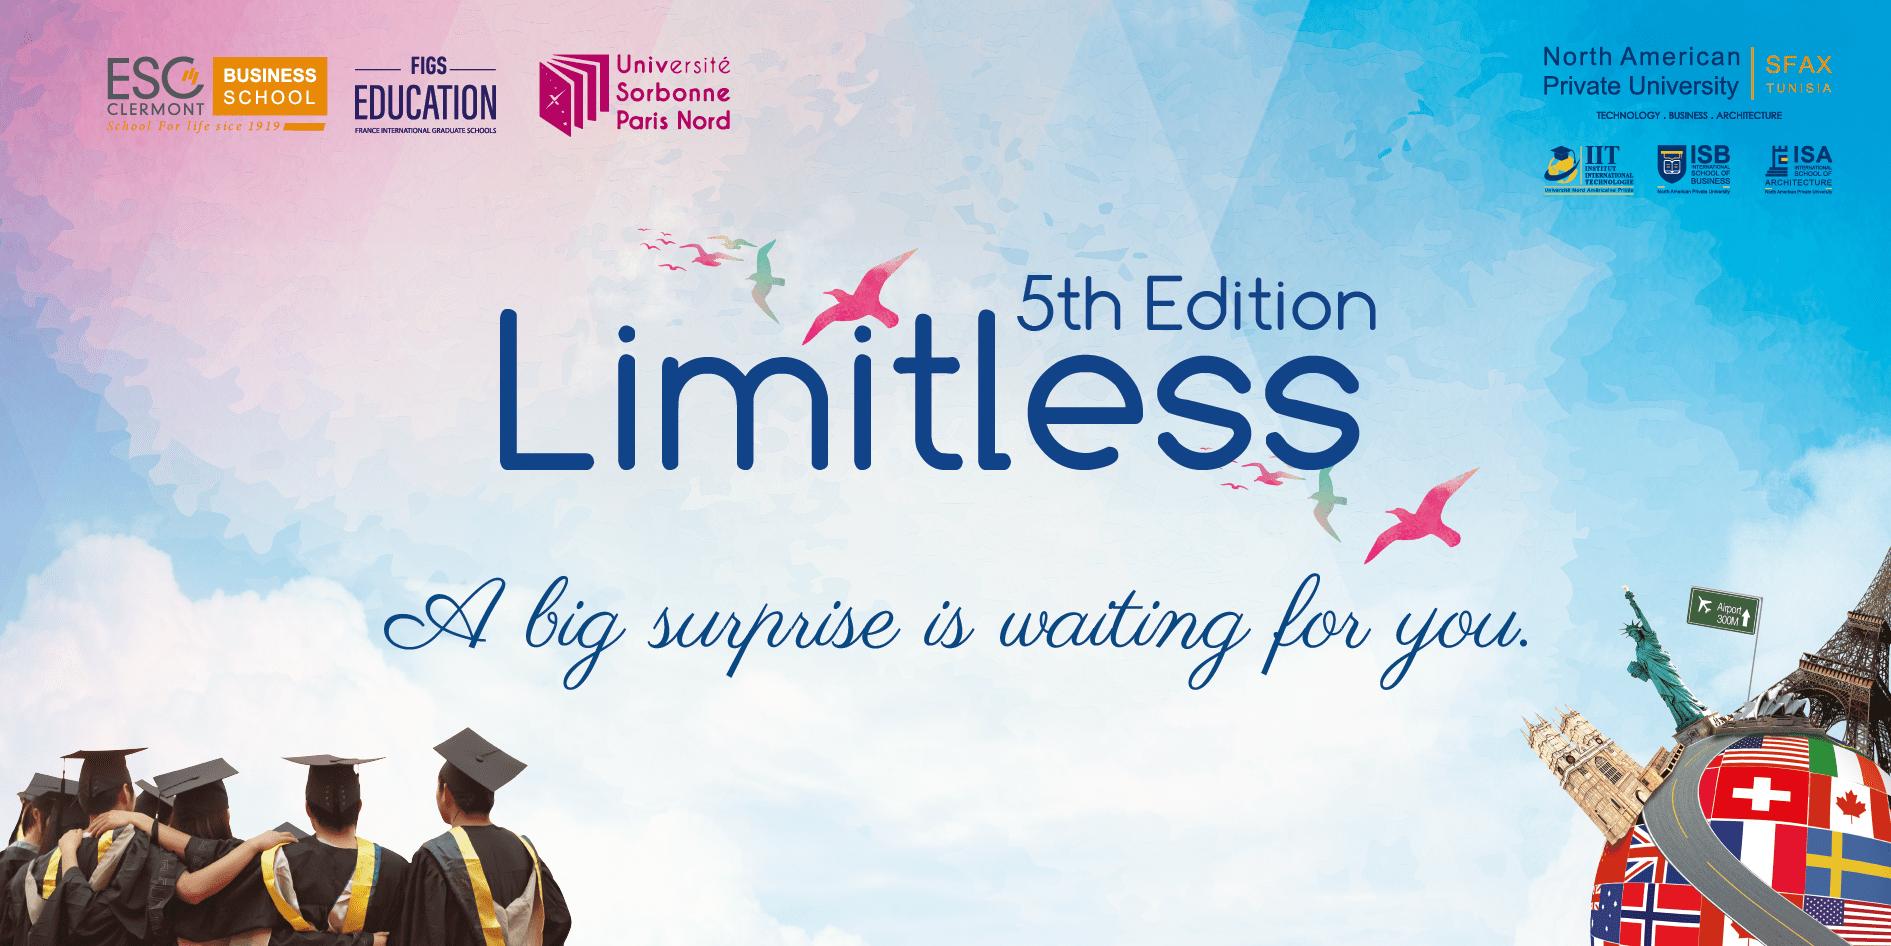 Communiqué de presse « Limitless 5th edition »